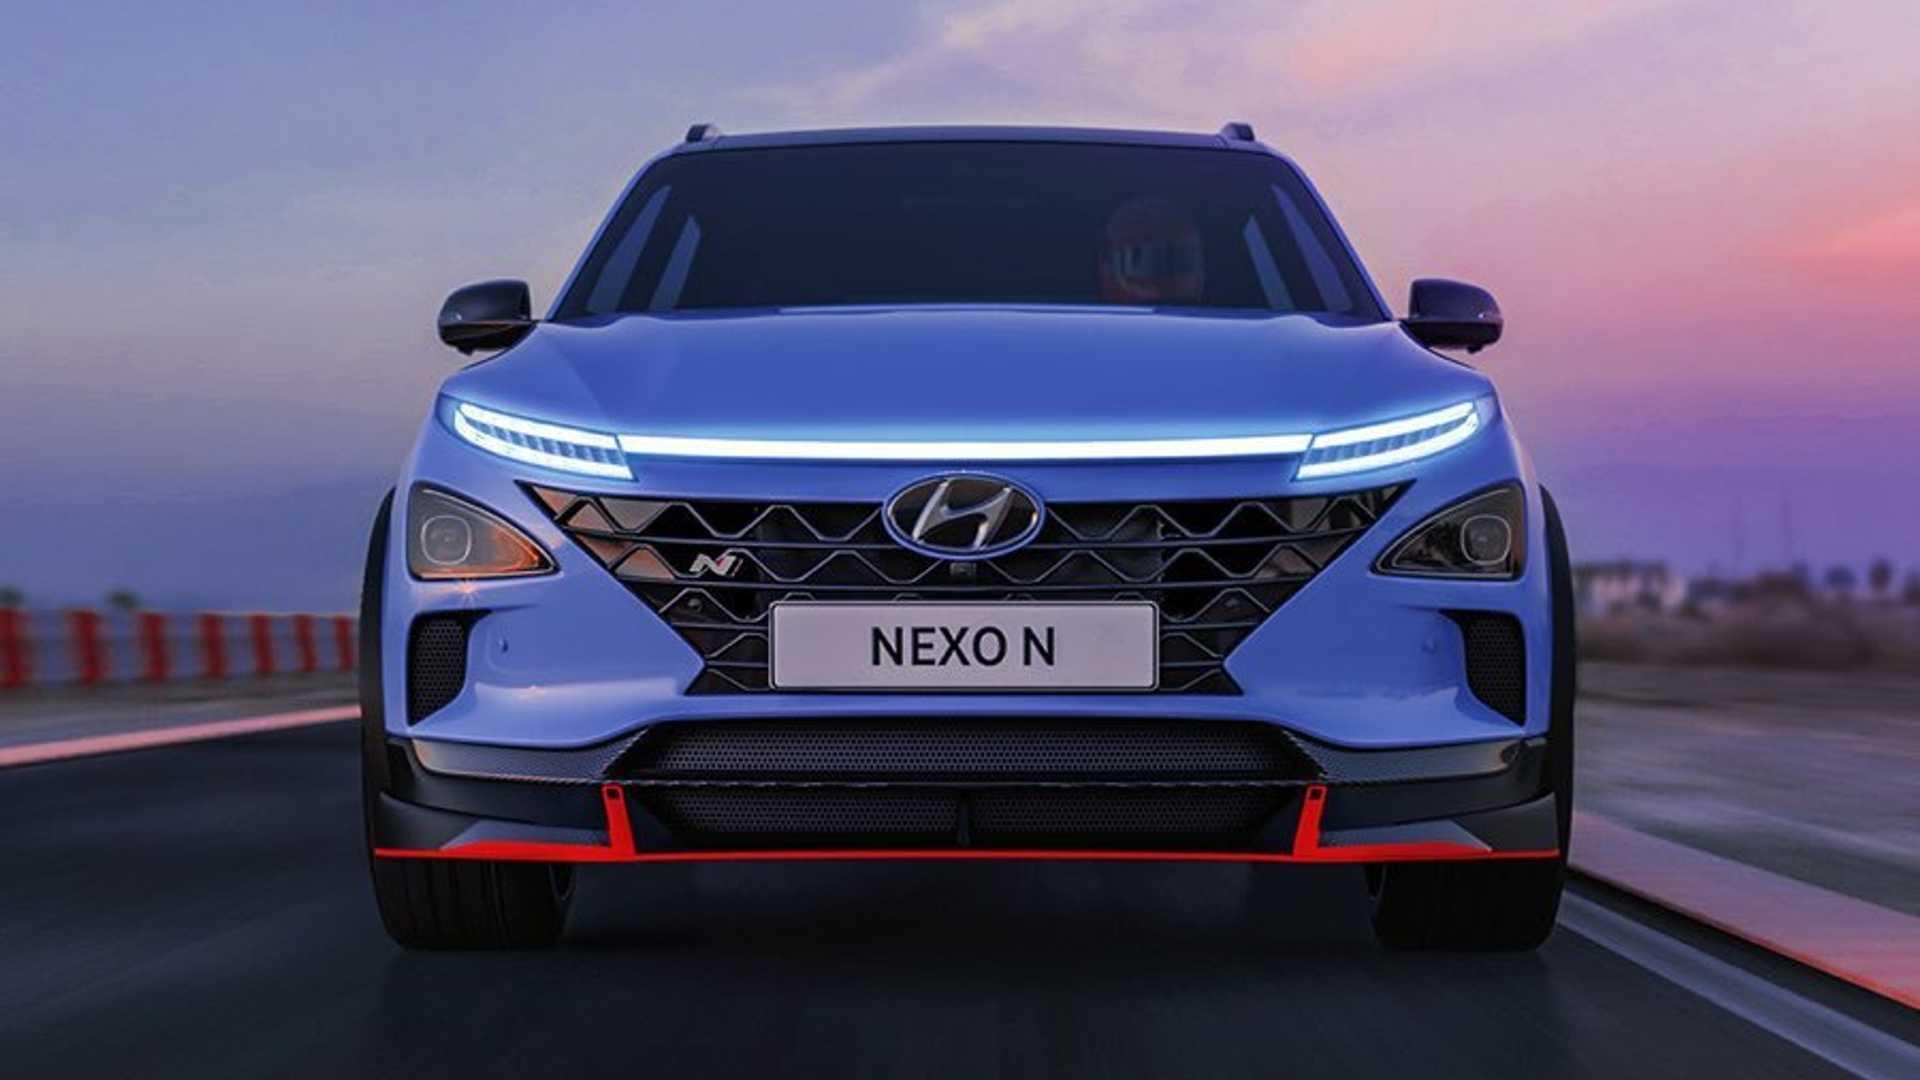 Hyundai Palisade N và Nexo N chỉ là trò đùa cá tháng Tư Fool? - 5